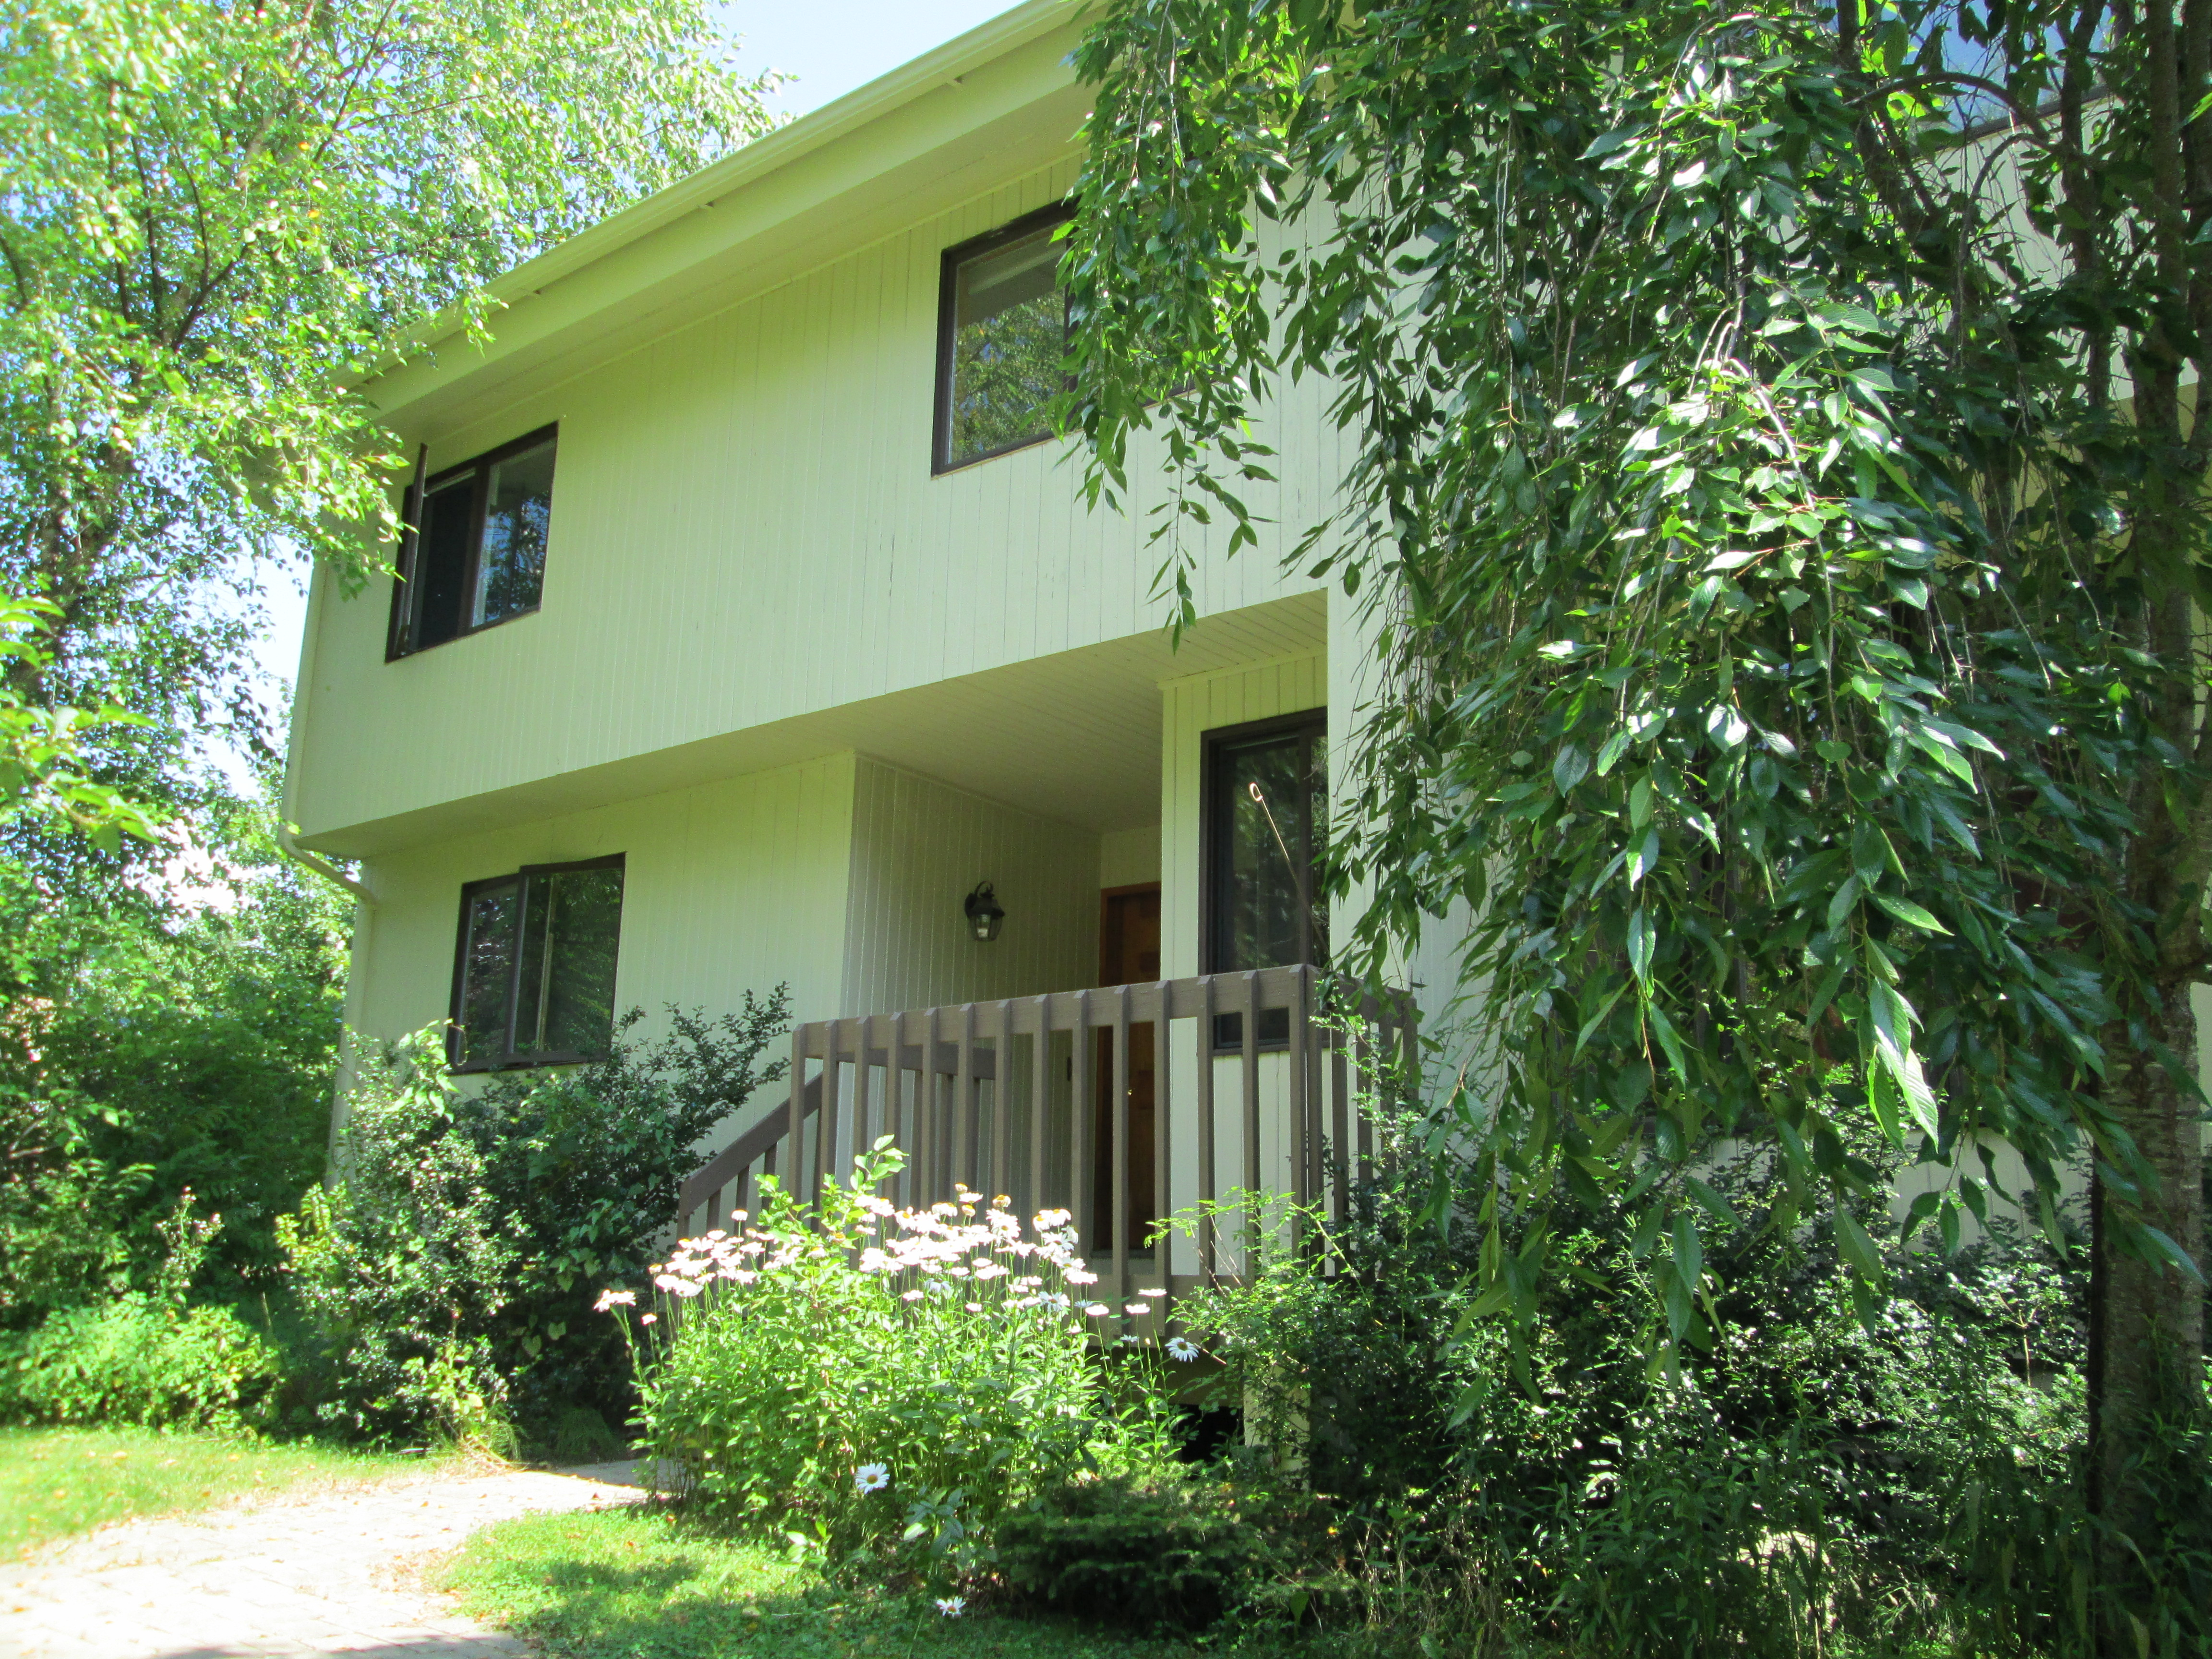 Частный односемейный дом для того Продажа на Enjoy Lake Living 512 East Hyerdale Drive Goshen, Коннектикут 06756 Соединенные Штаты